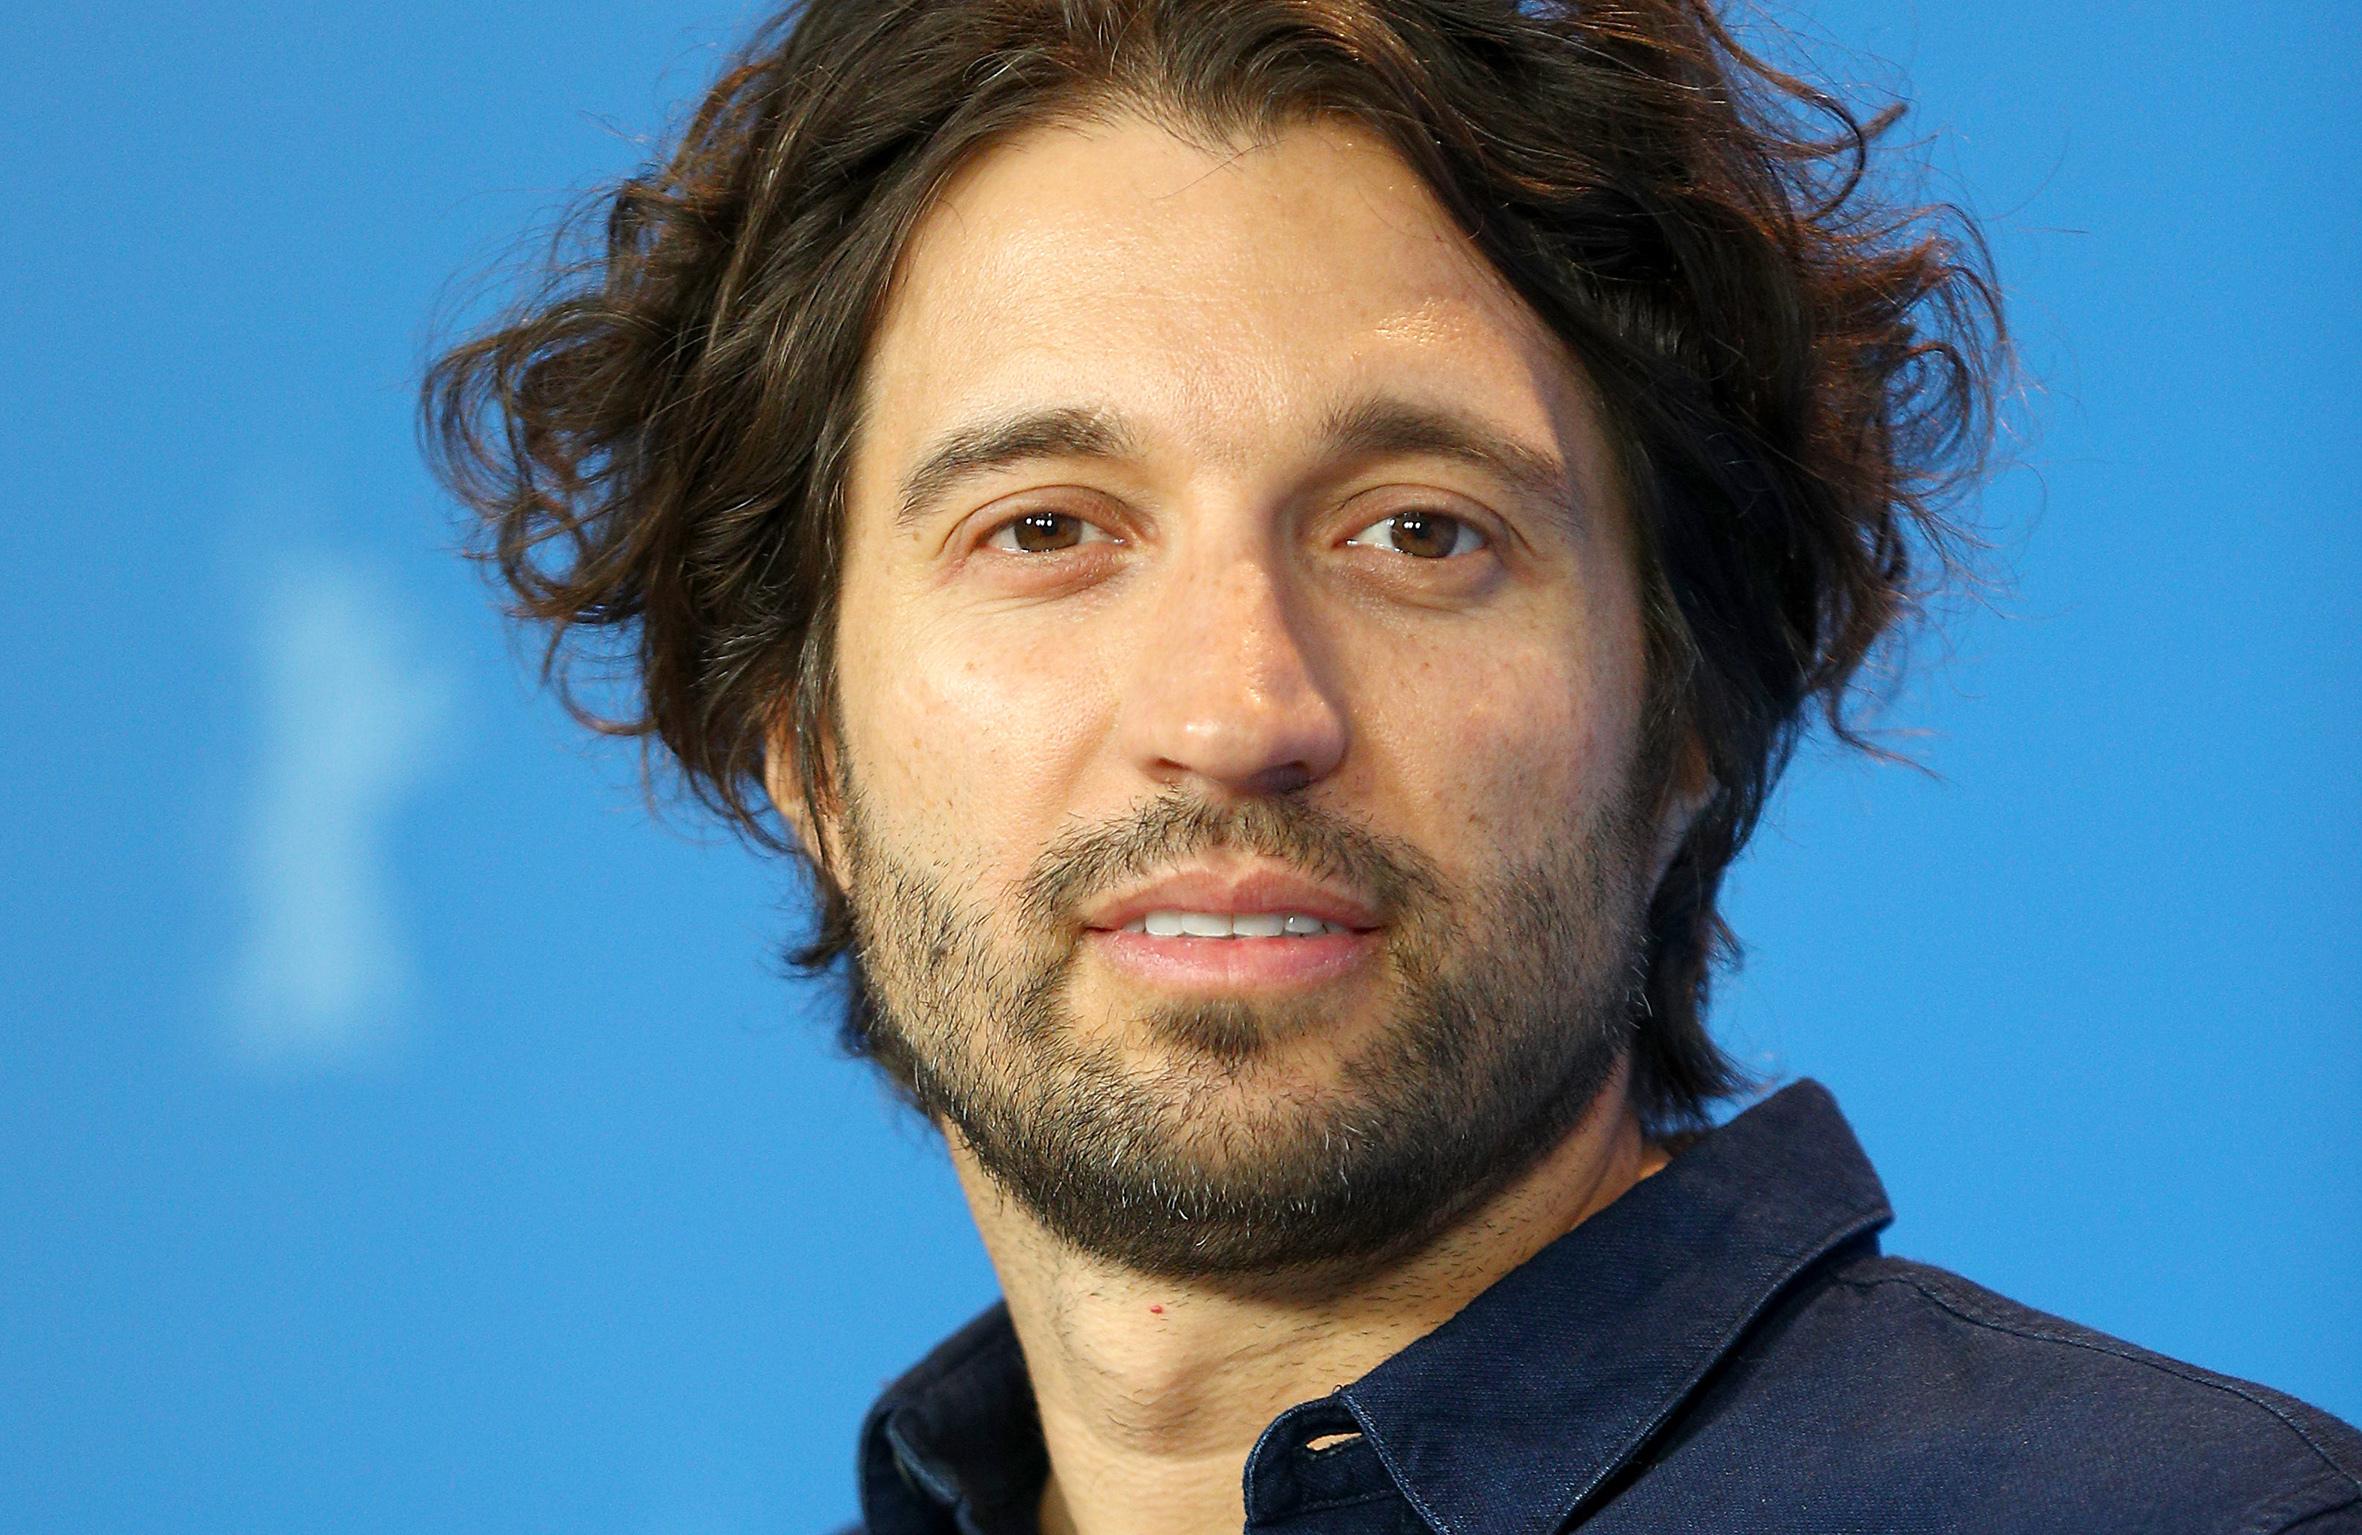 Alejandro Landes (DO NOT REUSE)